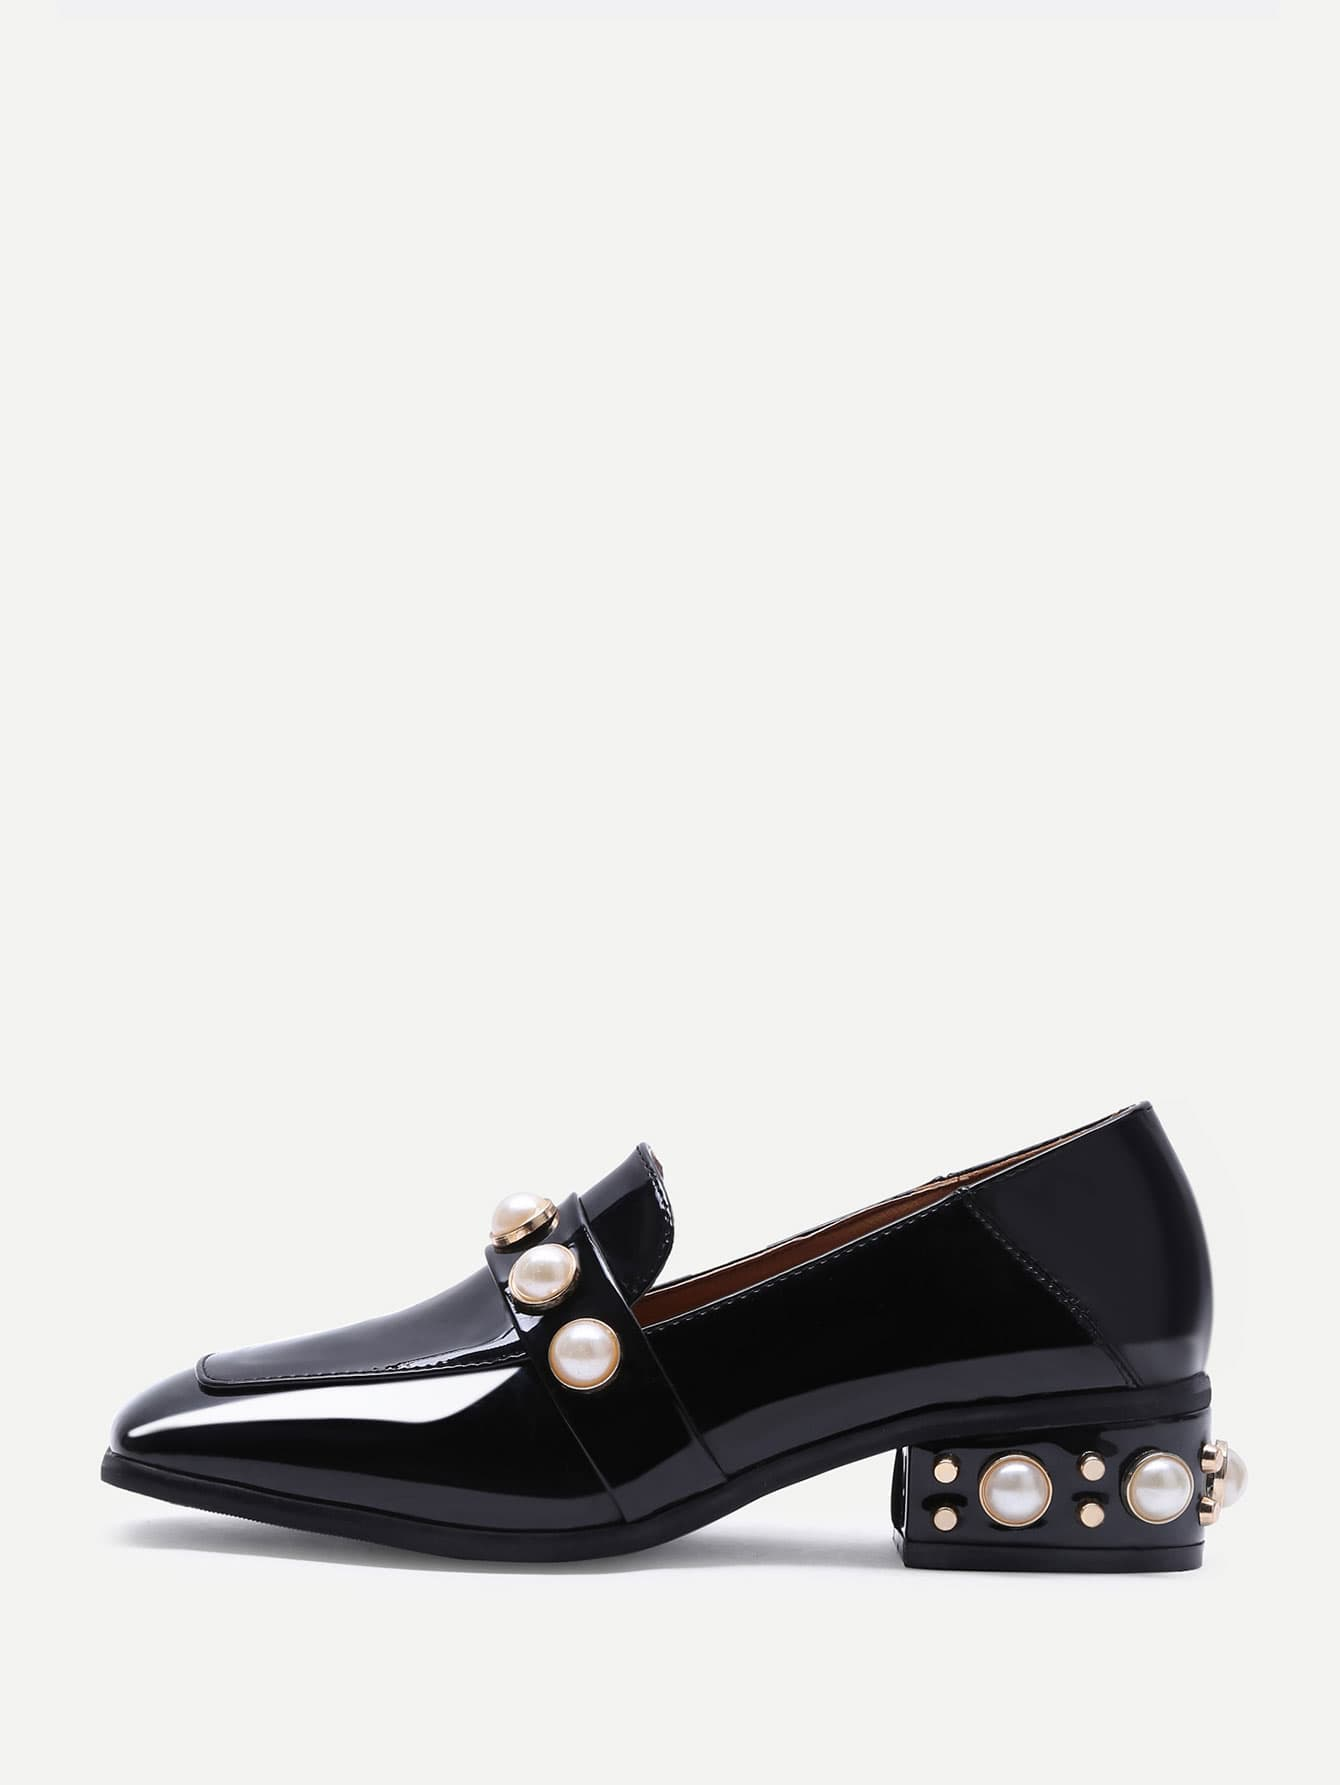 shoes170213809_2